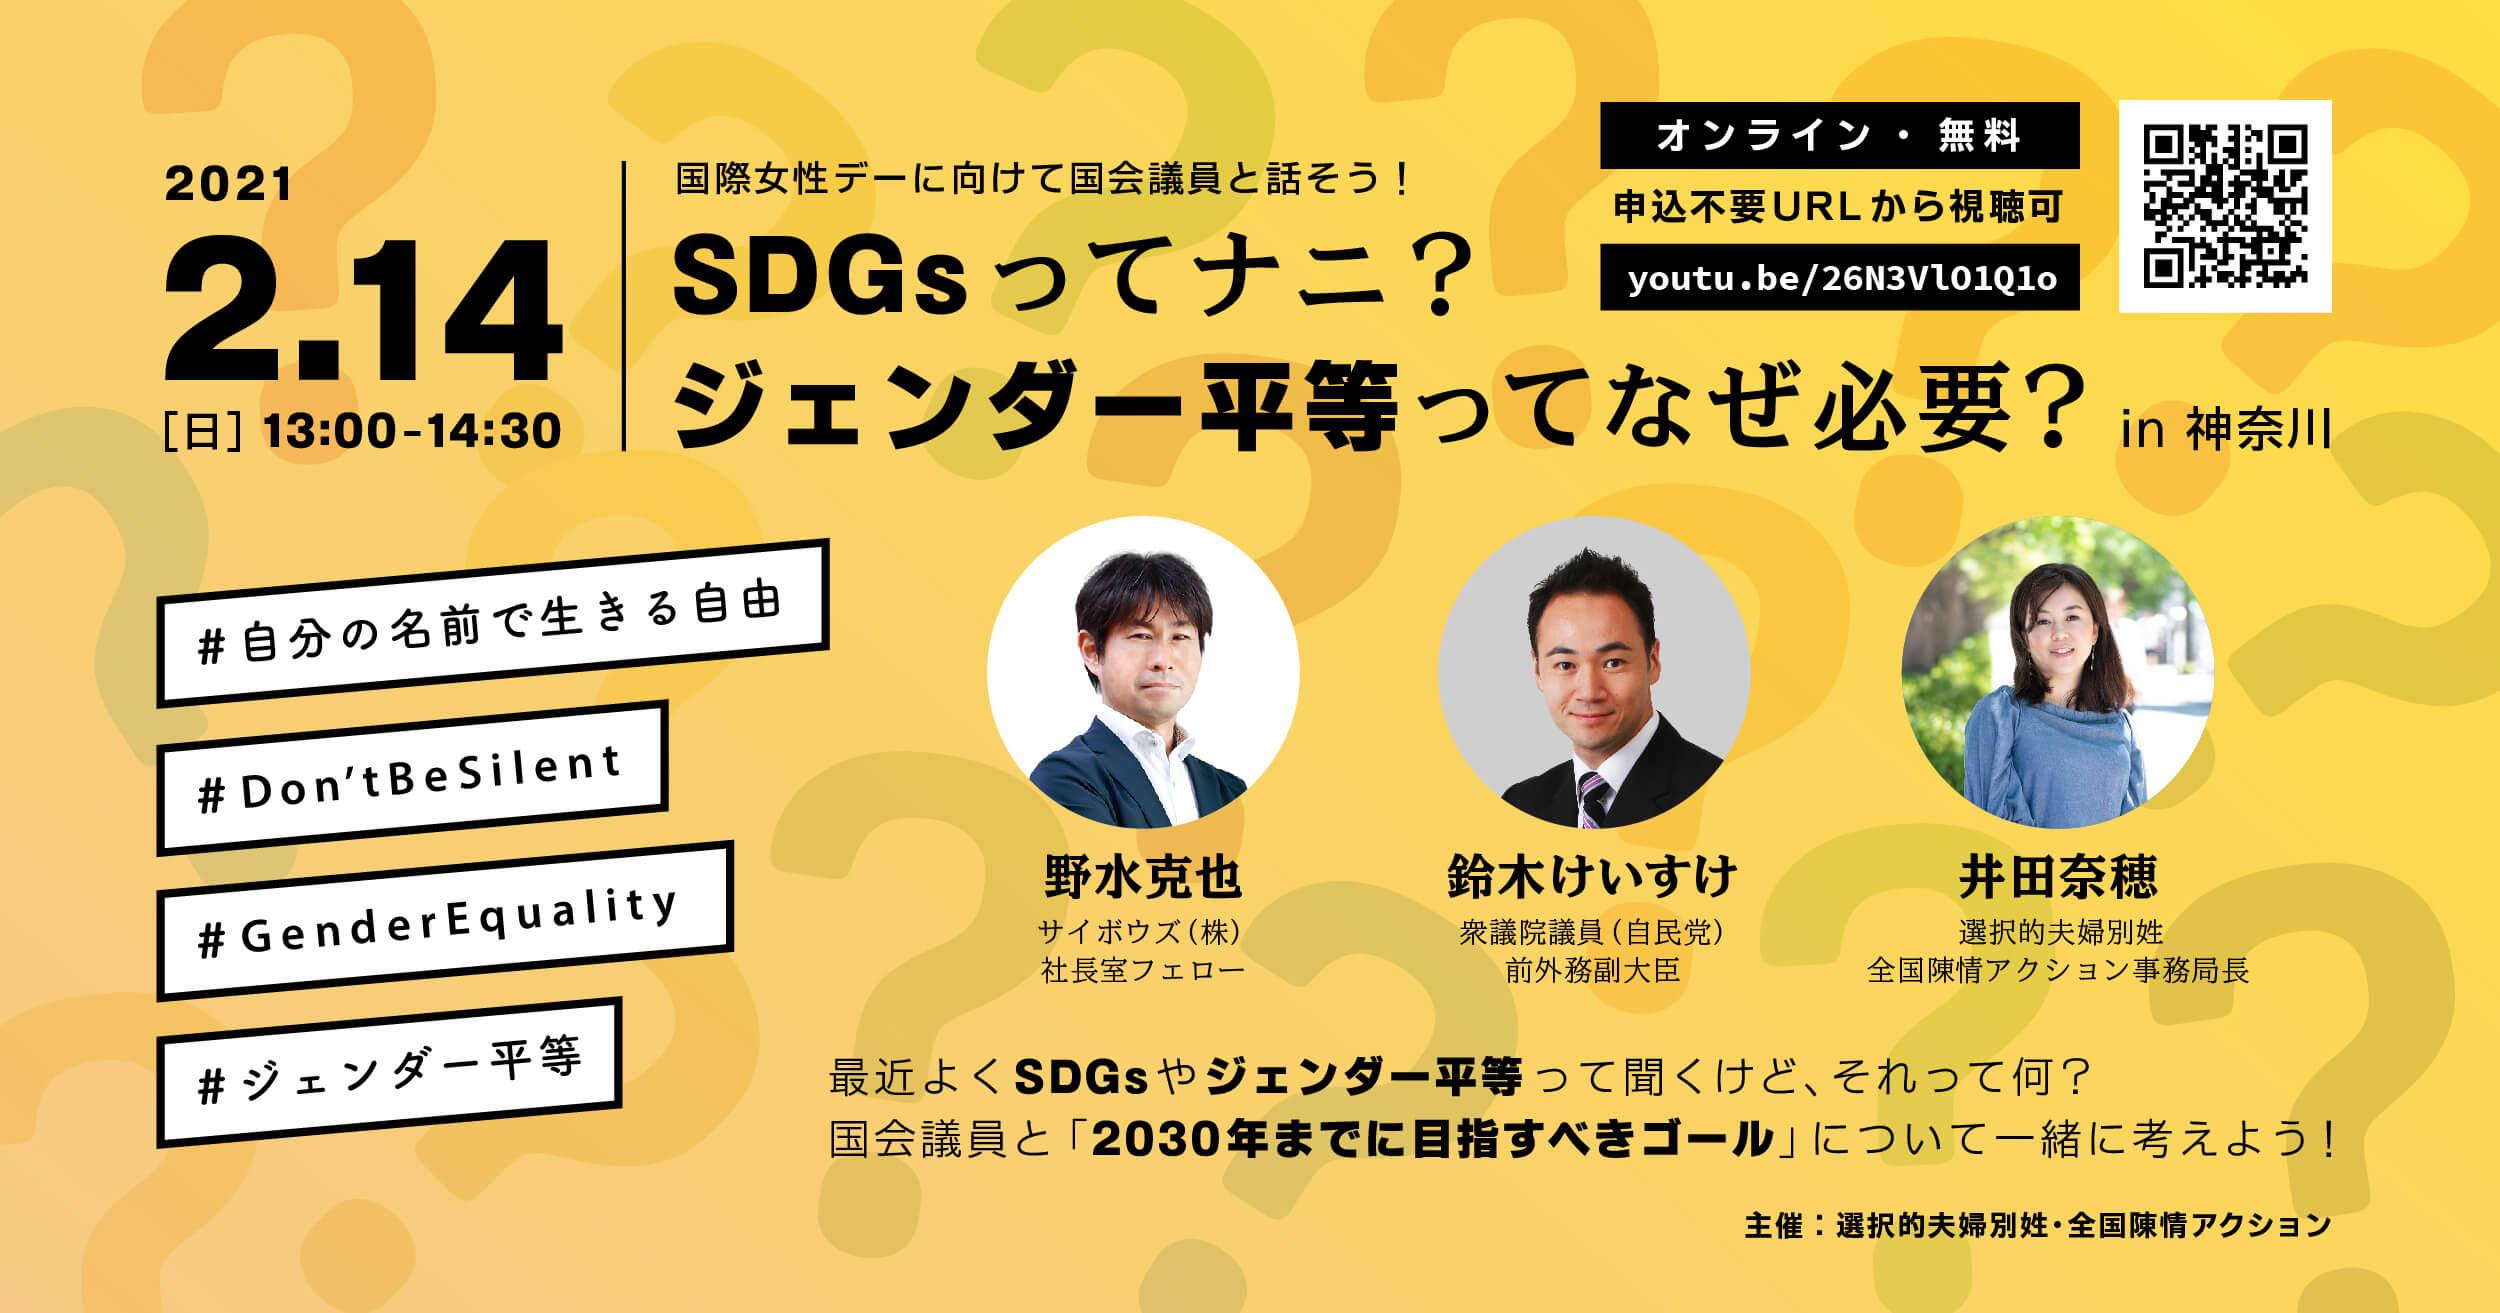 2月14日SDGsイベントTOP画像